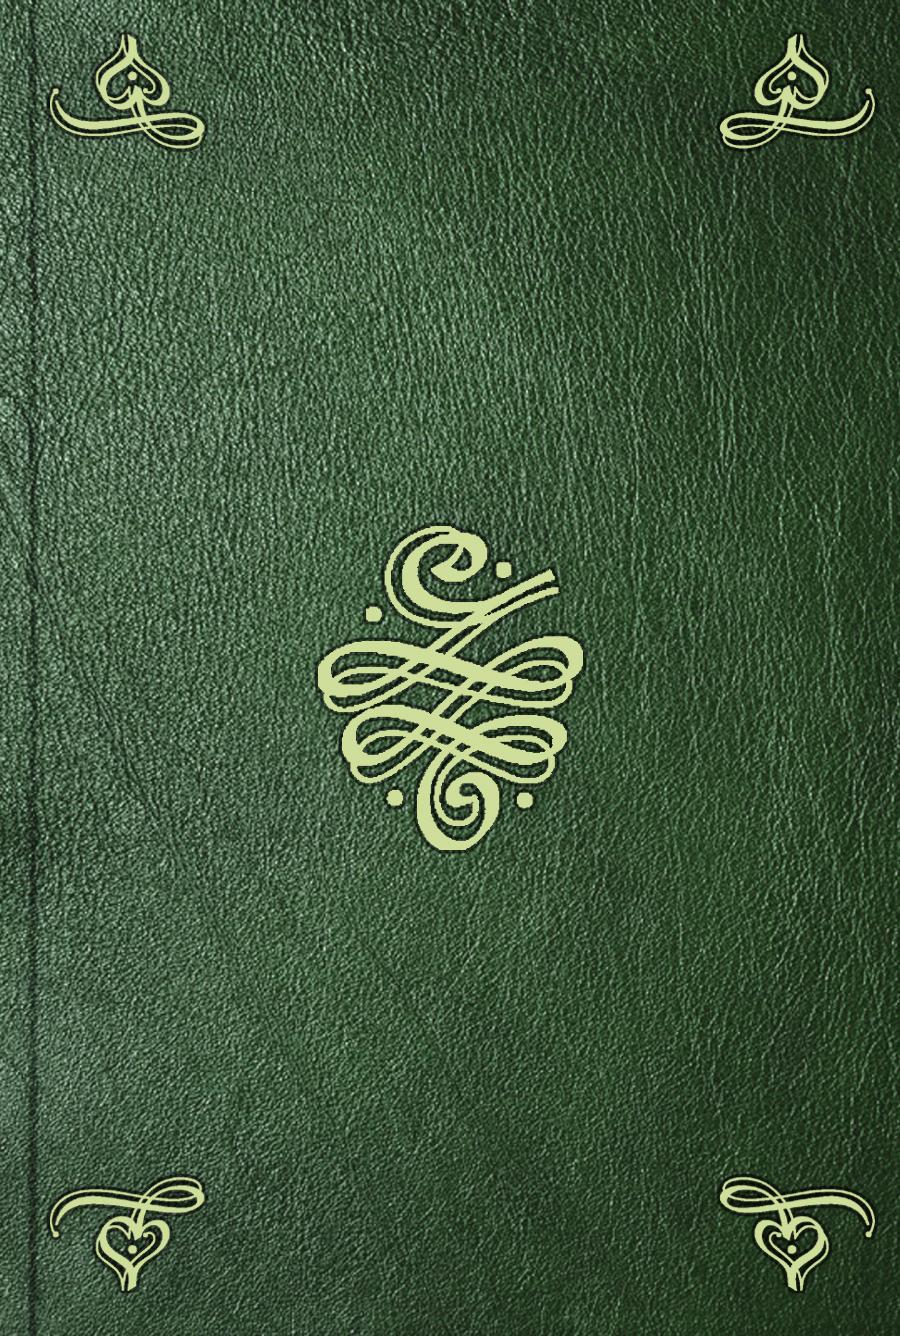 Johann Jakob Engel J. J. Engel's Schriften. Bd. 8. Mimik. T. 2 johann jakob engel j j engel s schriften bd 10 philosophische schriften t 2